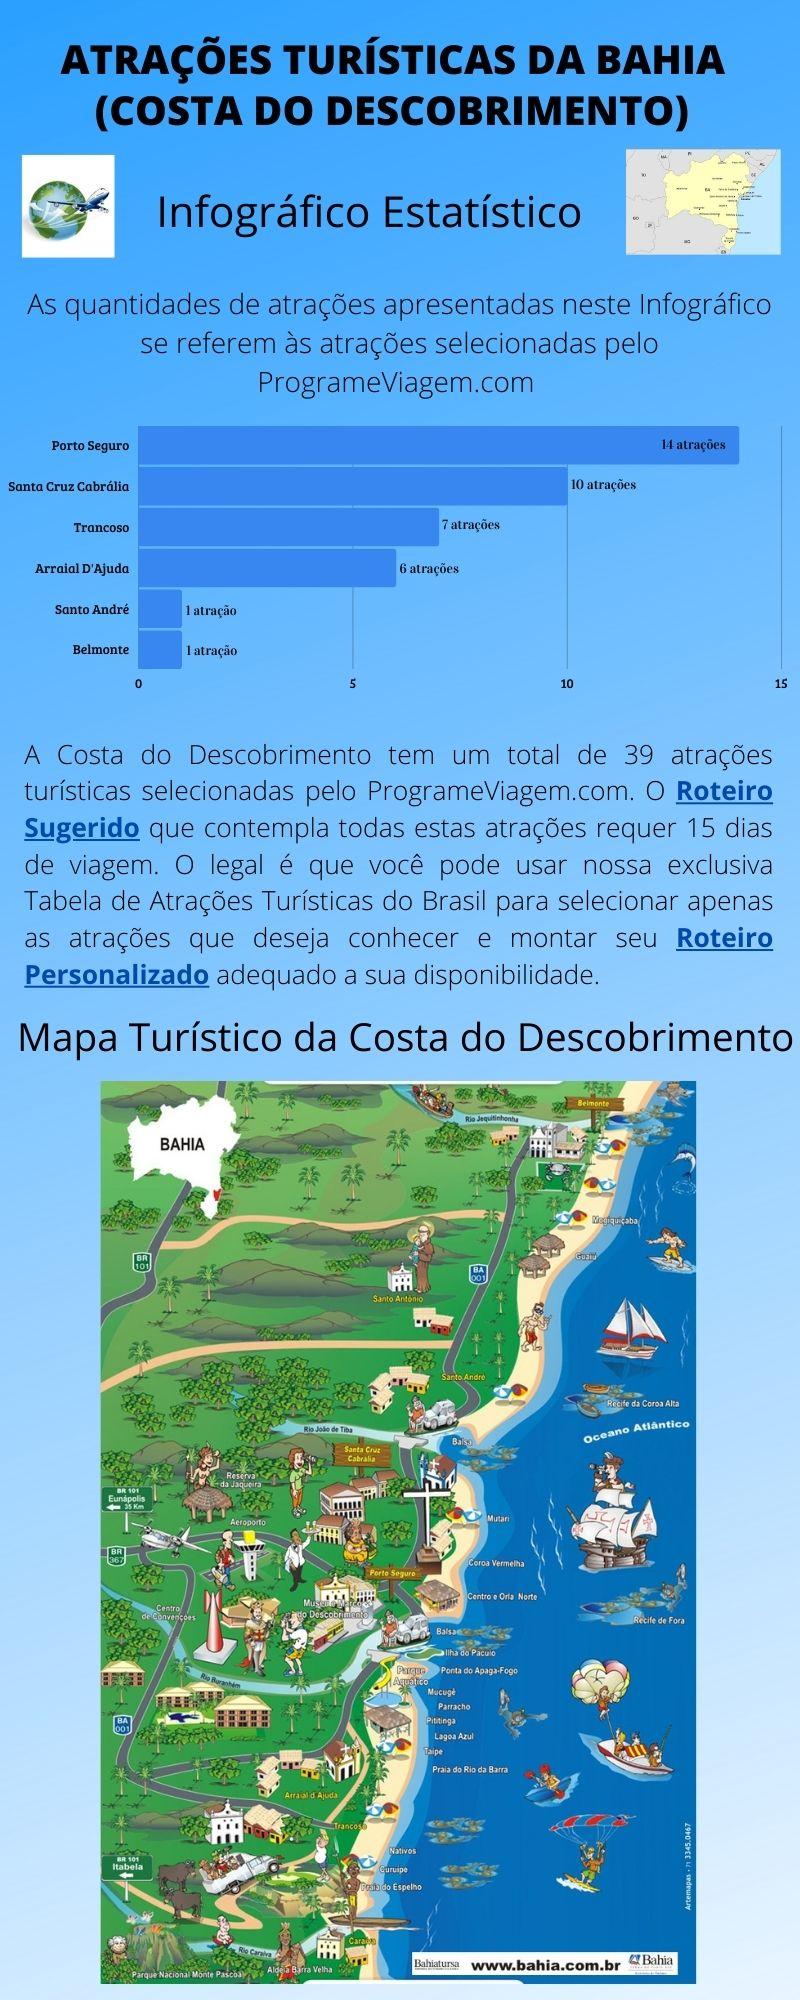 Infográfico Atrações Turísticas da Bahia (Costa do Descobrimento)